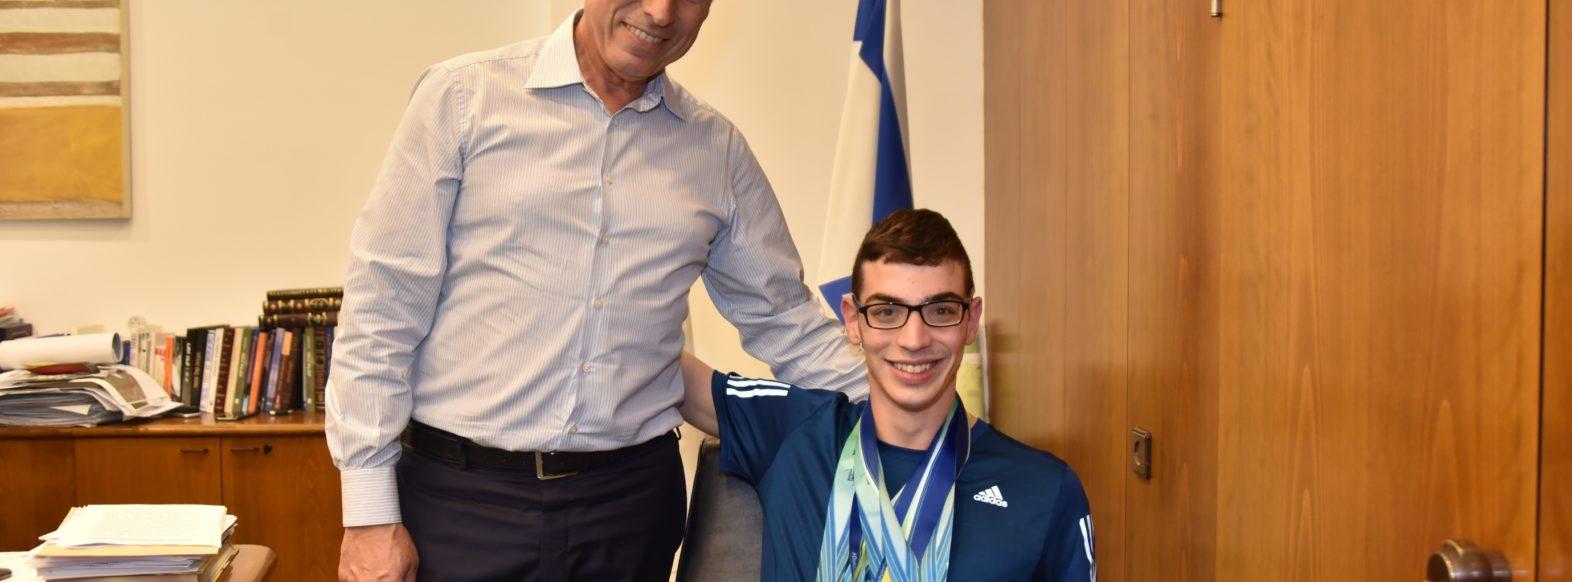 קריית אתא: תלמיד בן 17 זכה באליפות אירופה בשחיה פראלימפית